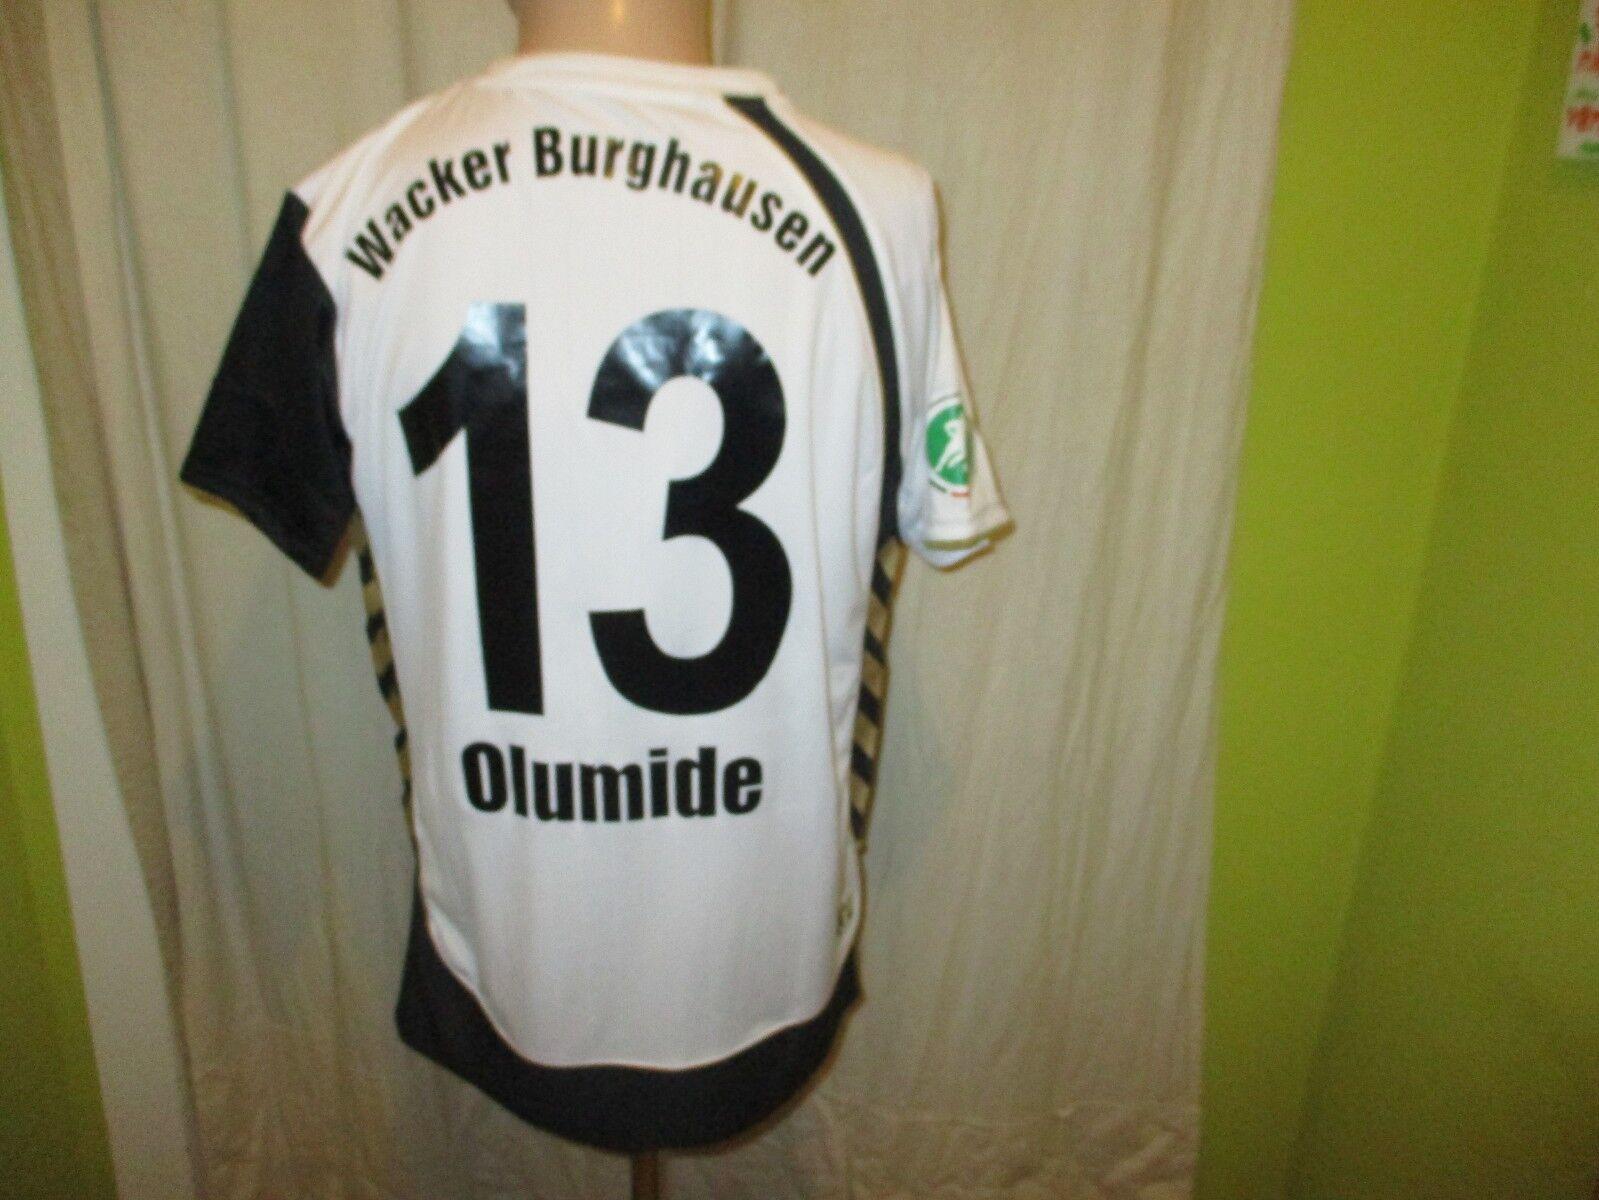 Wacker Burghausen hummel Heim Matchworn Trikot 2010 11 + Nr.13 Olumide Gr.M